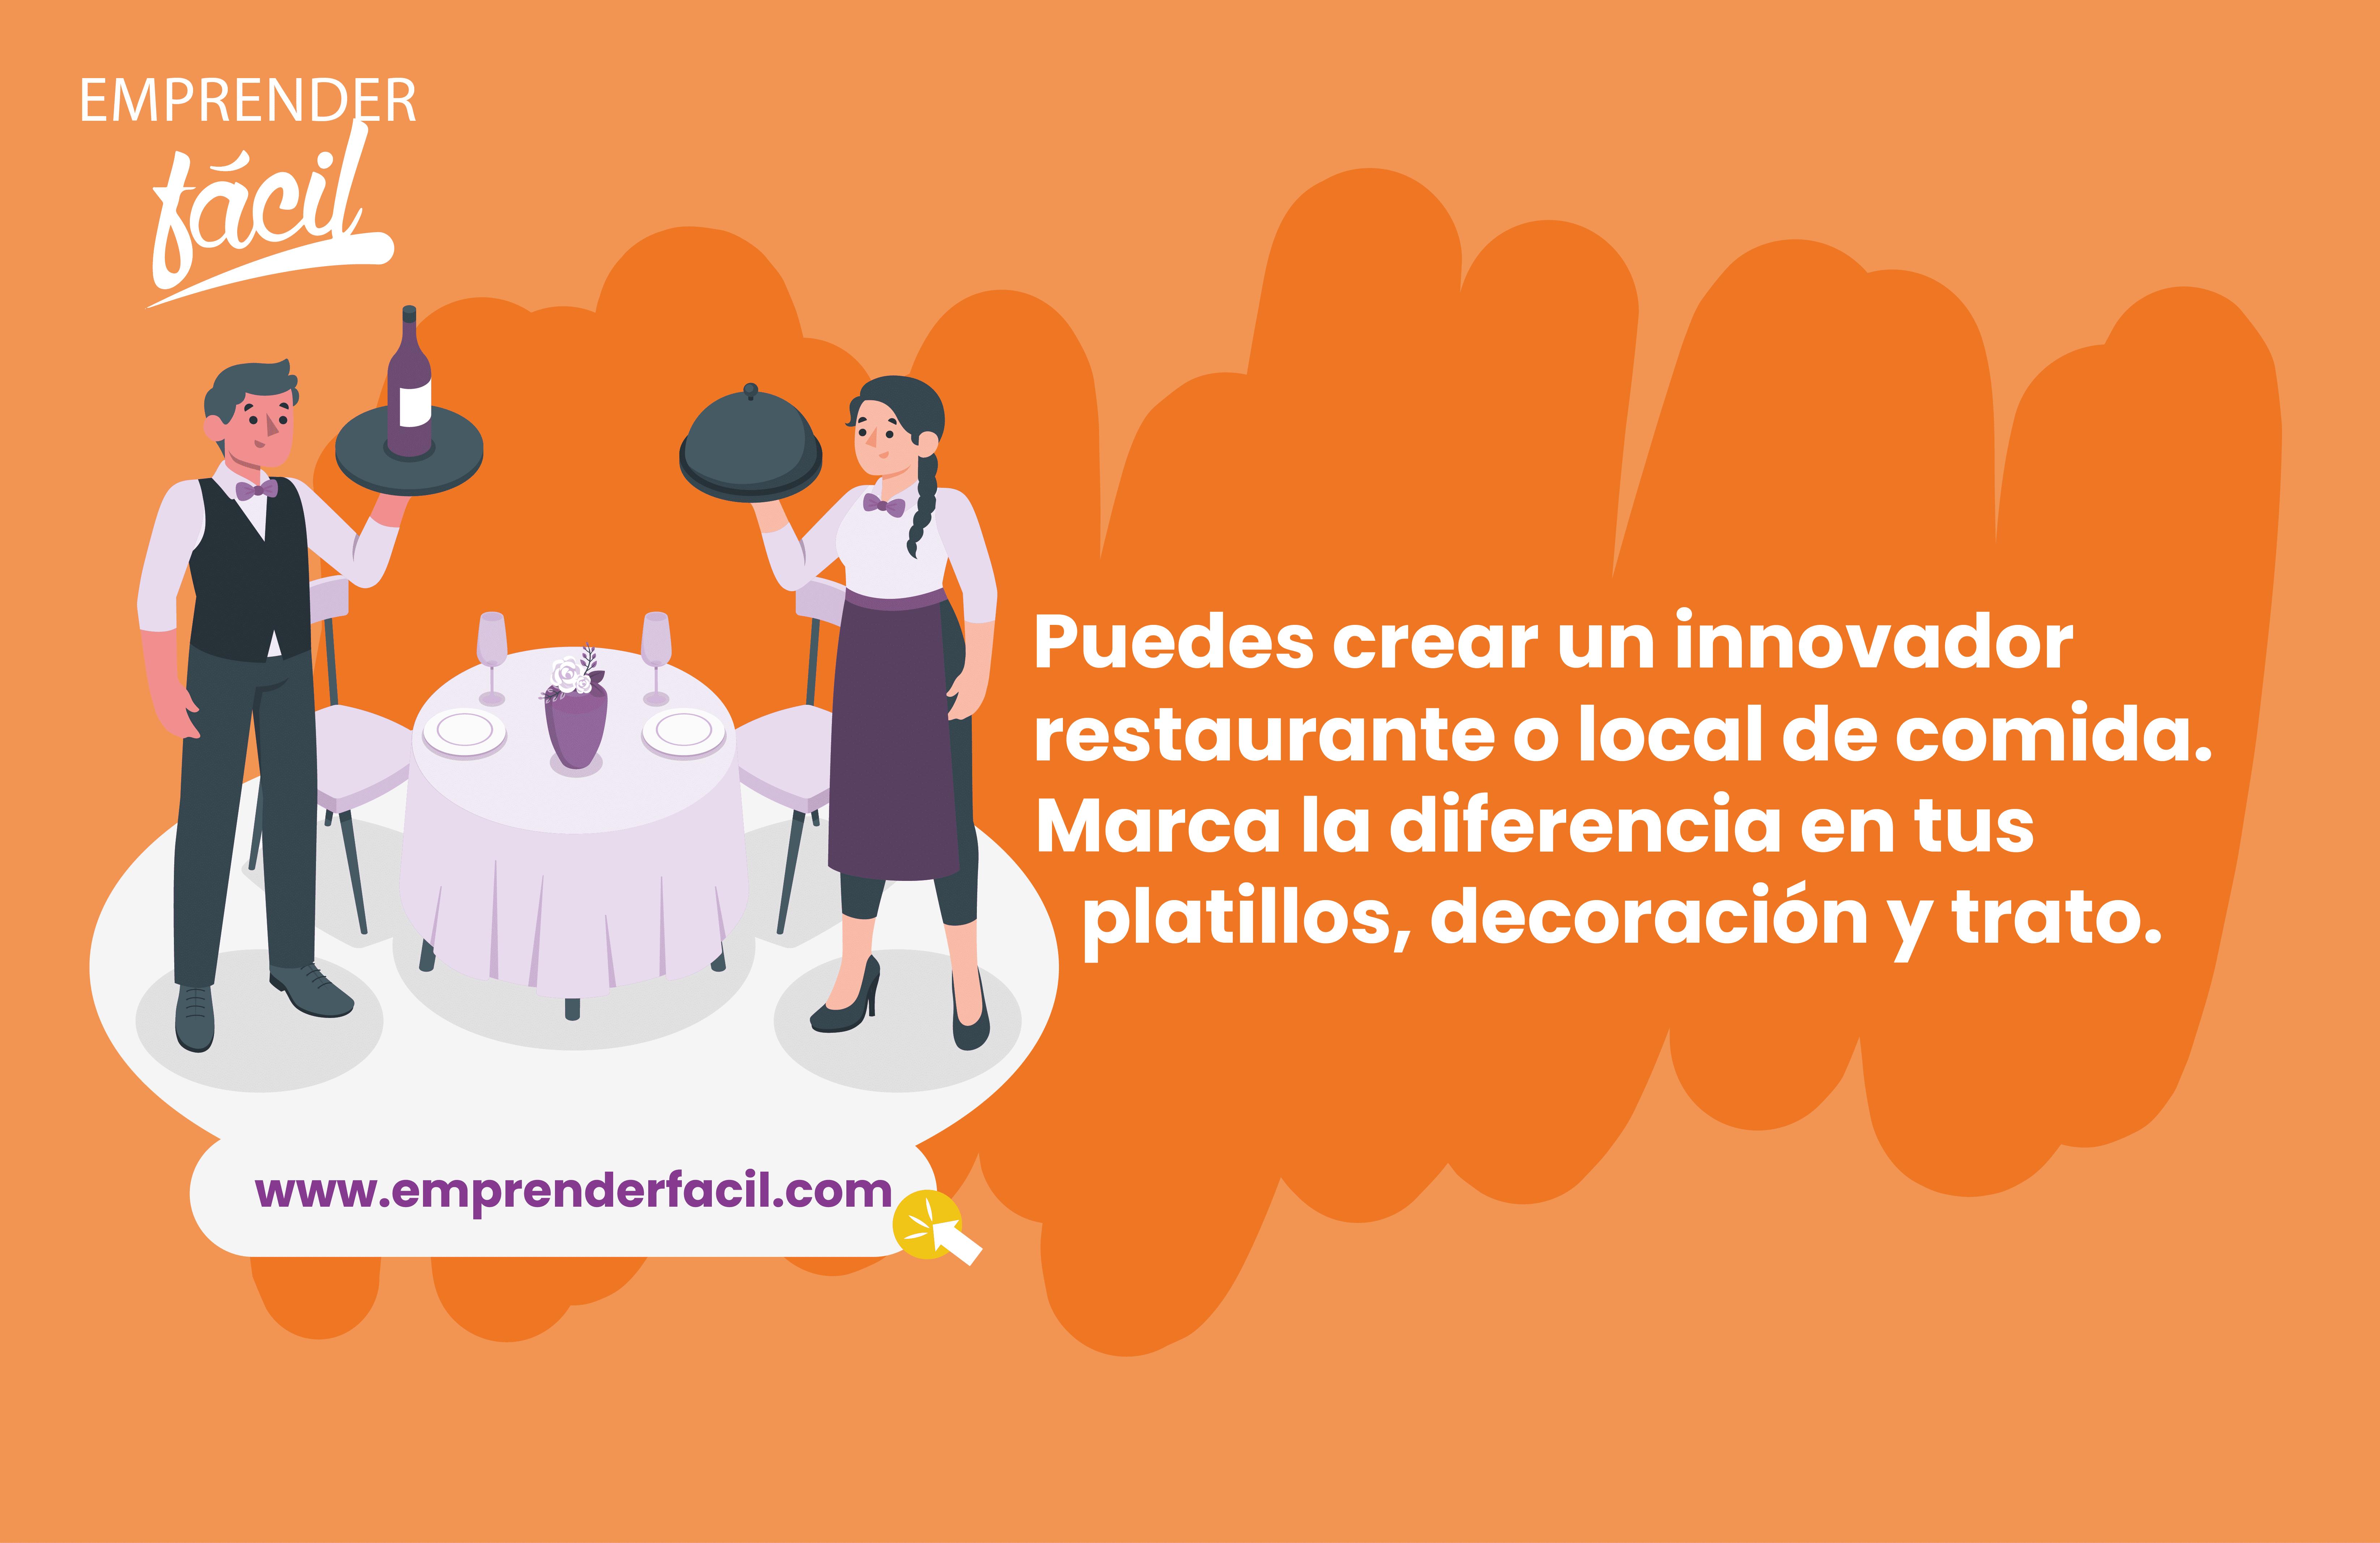 Uno de los negocios rentables en Valparaíso son los restaurantes y los locales de comida.